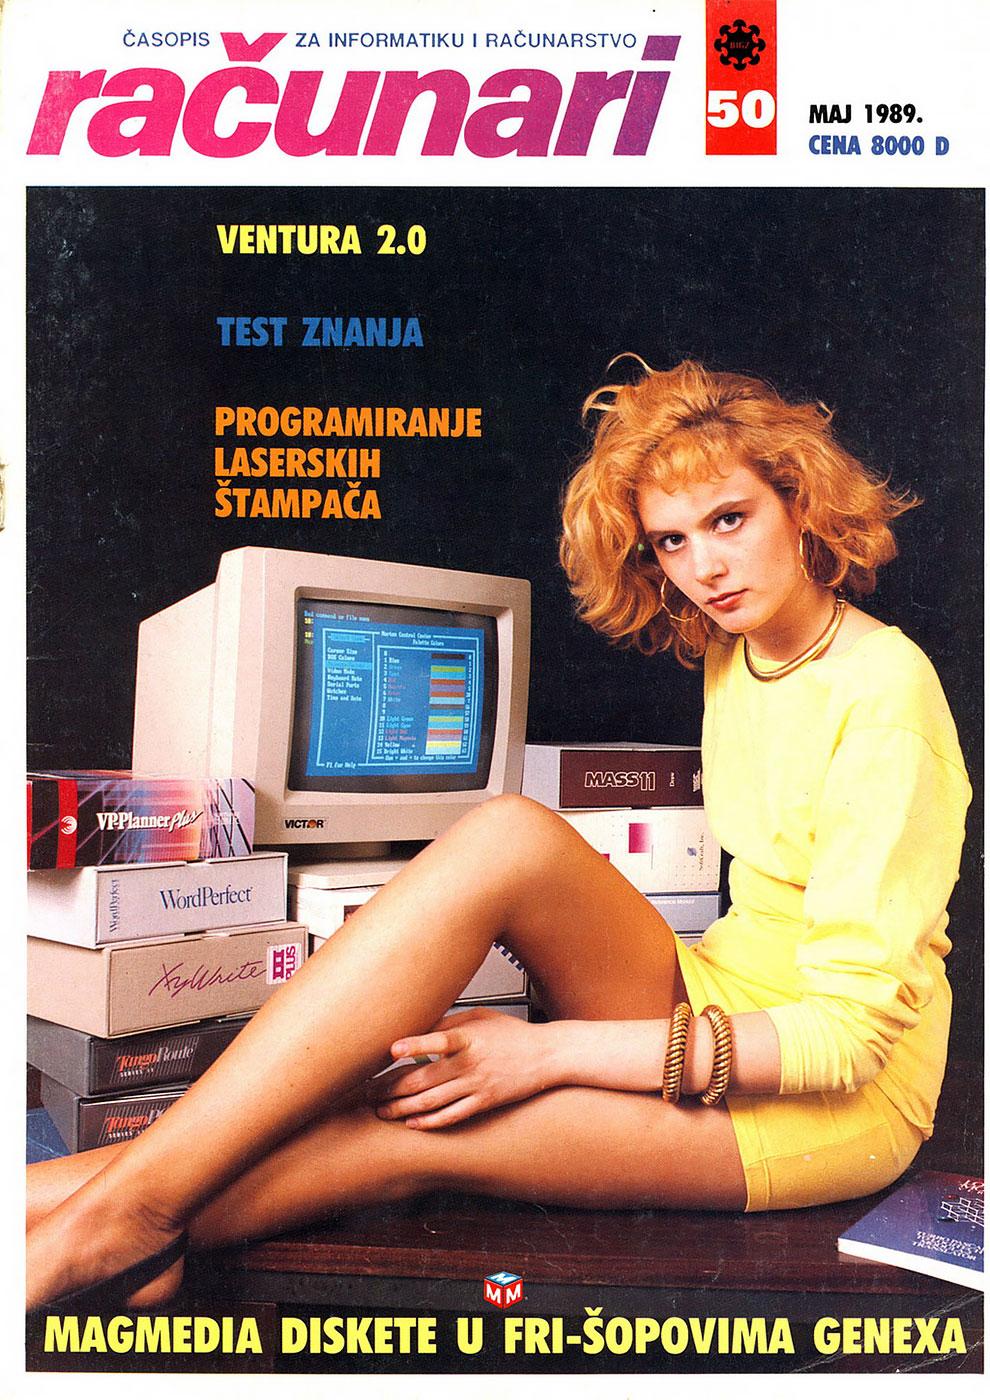 Обложки компьютерных журналов 90-х годов (25 фото)